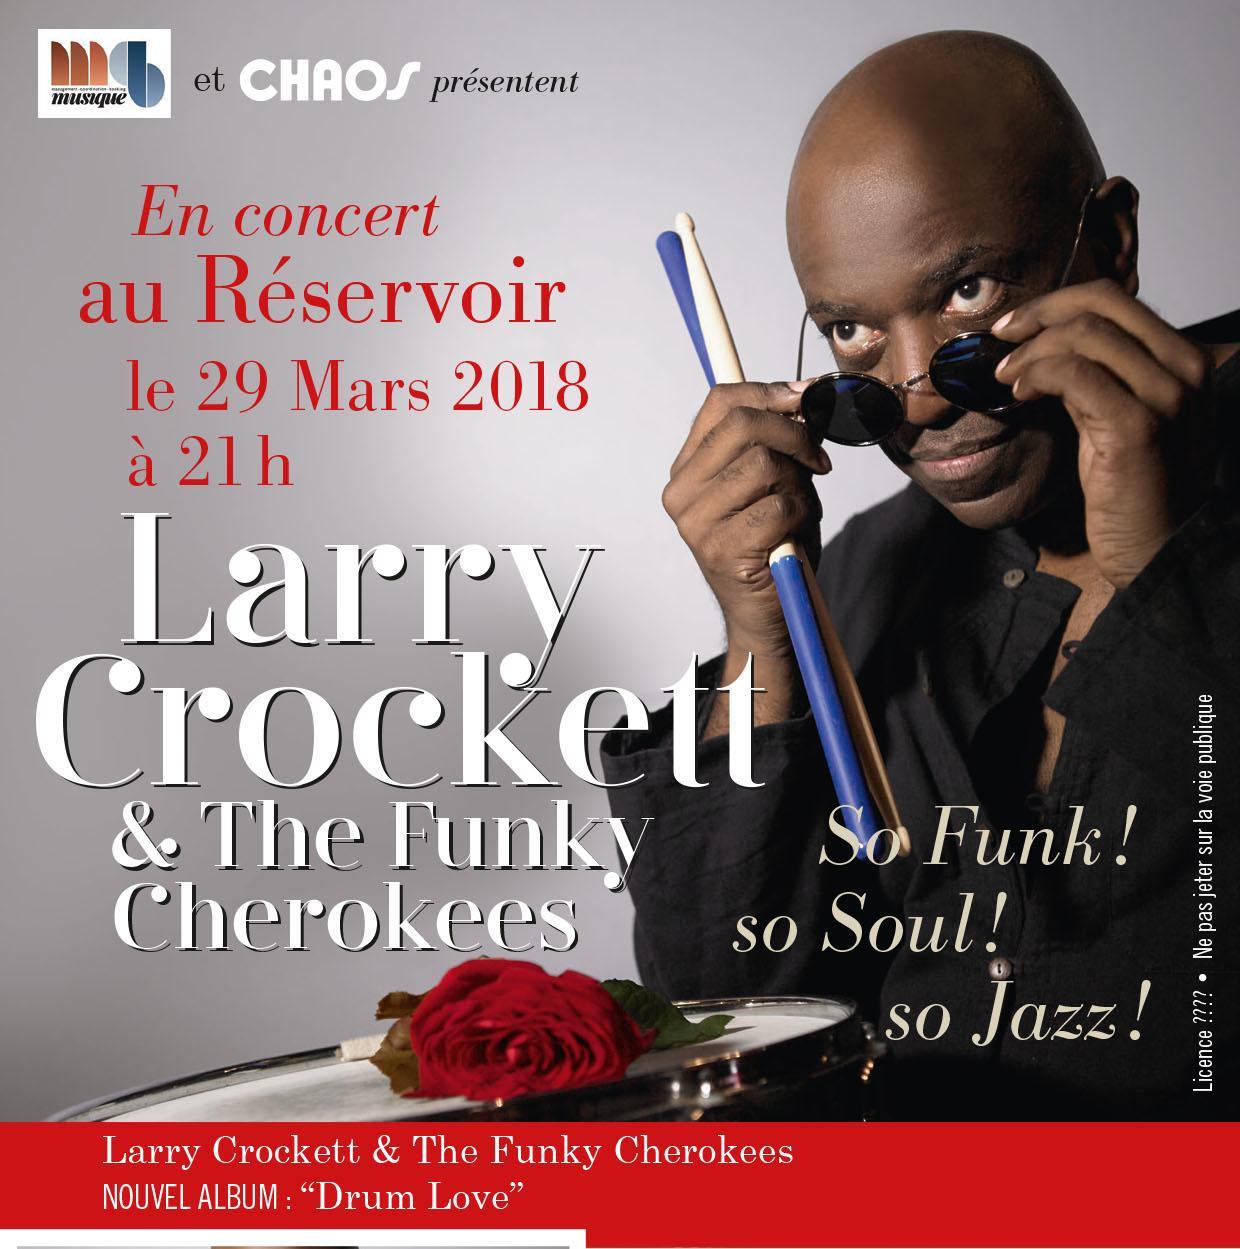 larry crockett funky cherokees concert réservoir musique évènement artistikrezo paris